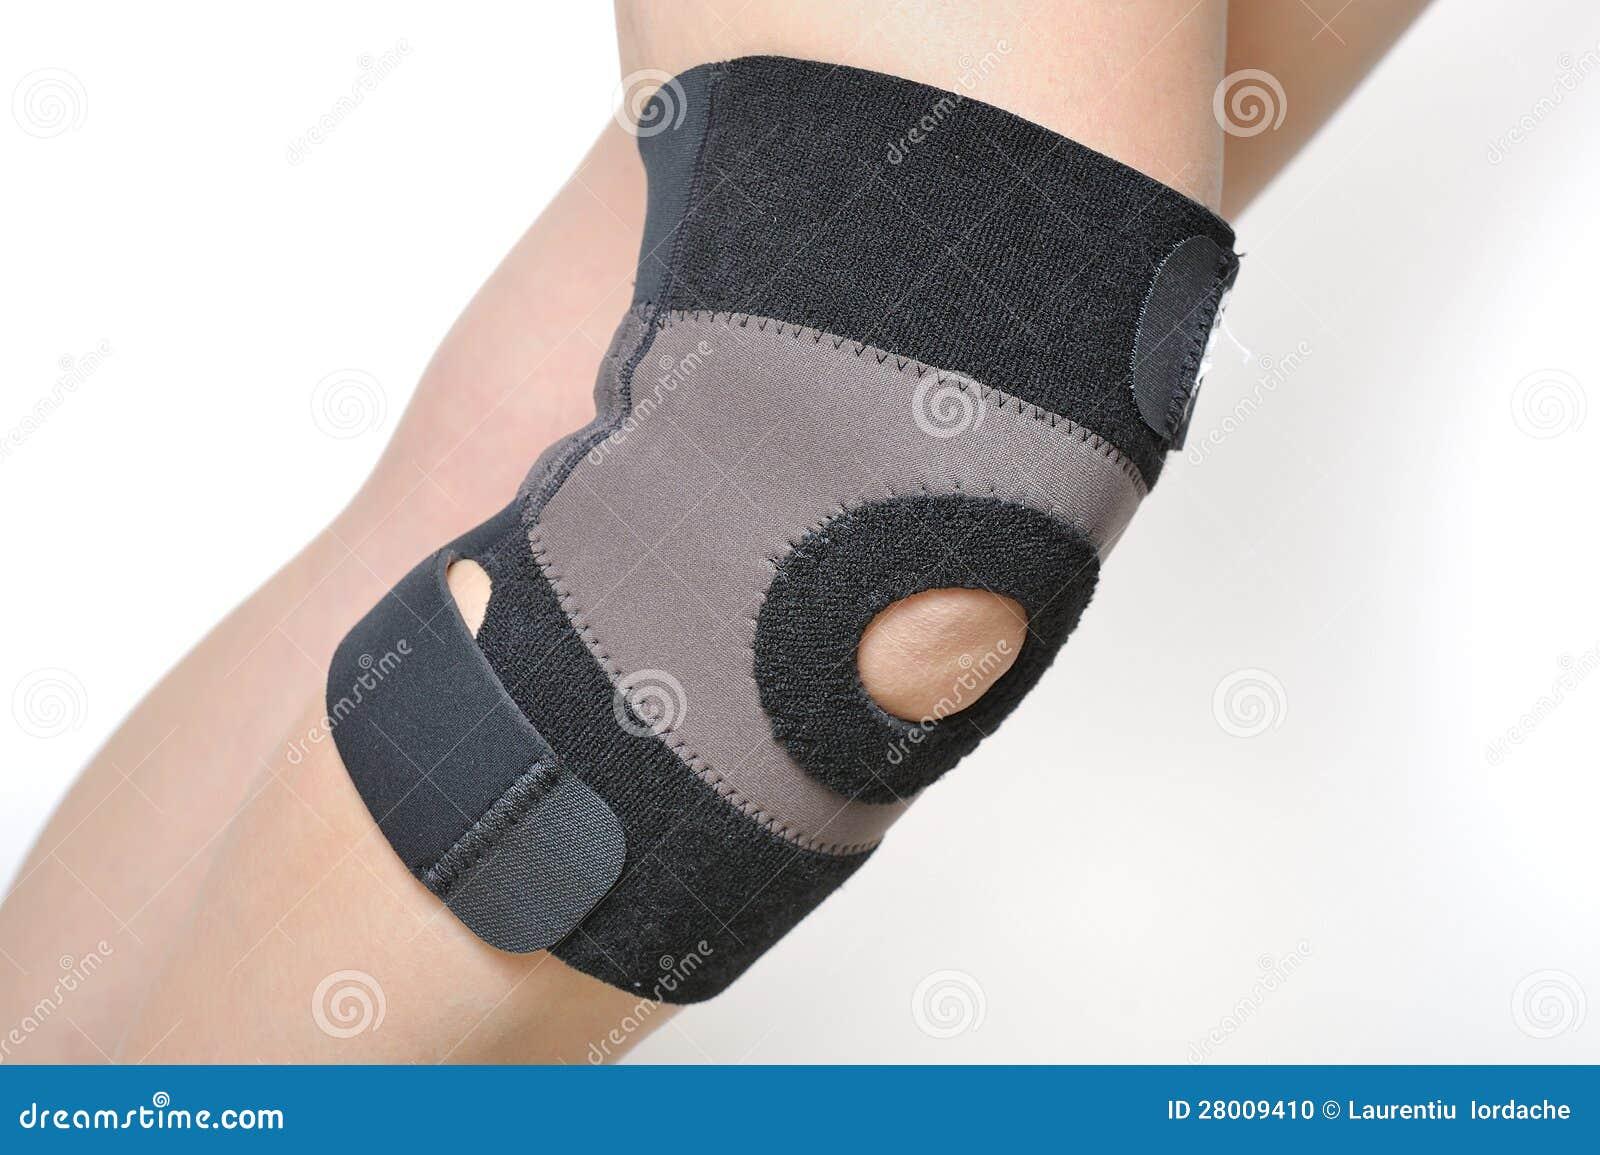 Sustentação do joelho